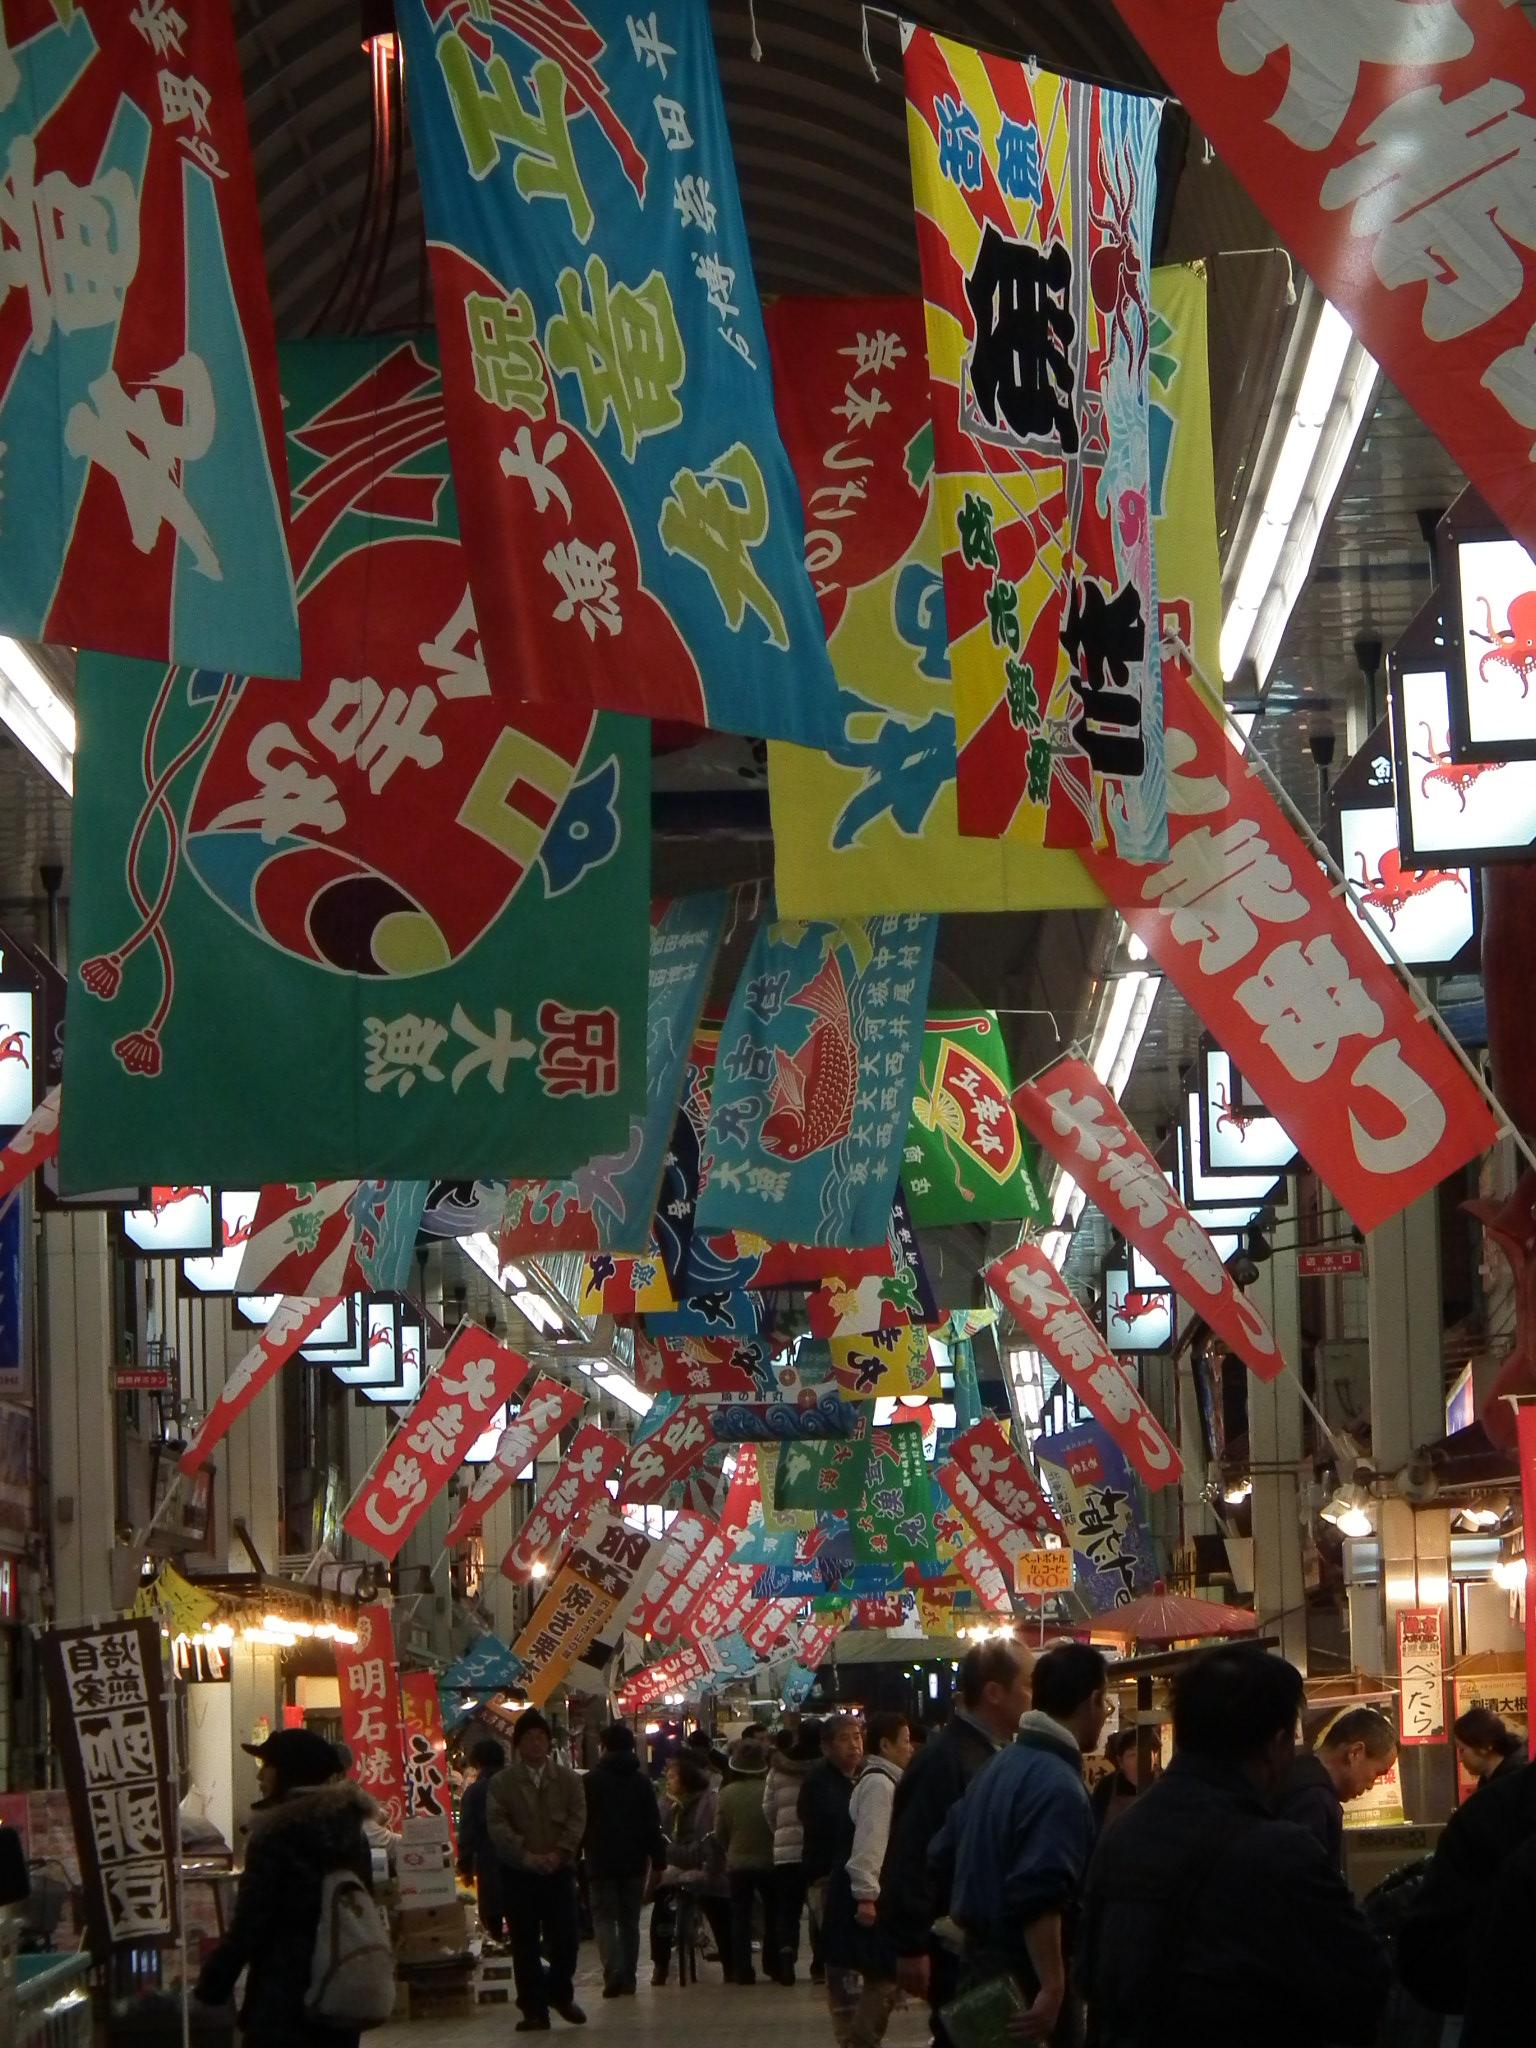 Akashi-uontana,2010年末-魚の棚商店街 DSCF0215.JPG